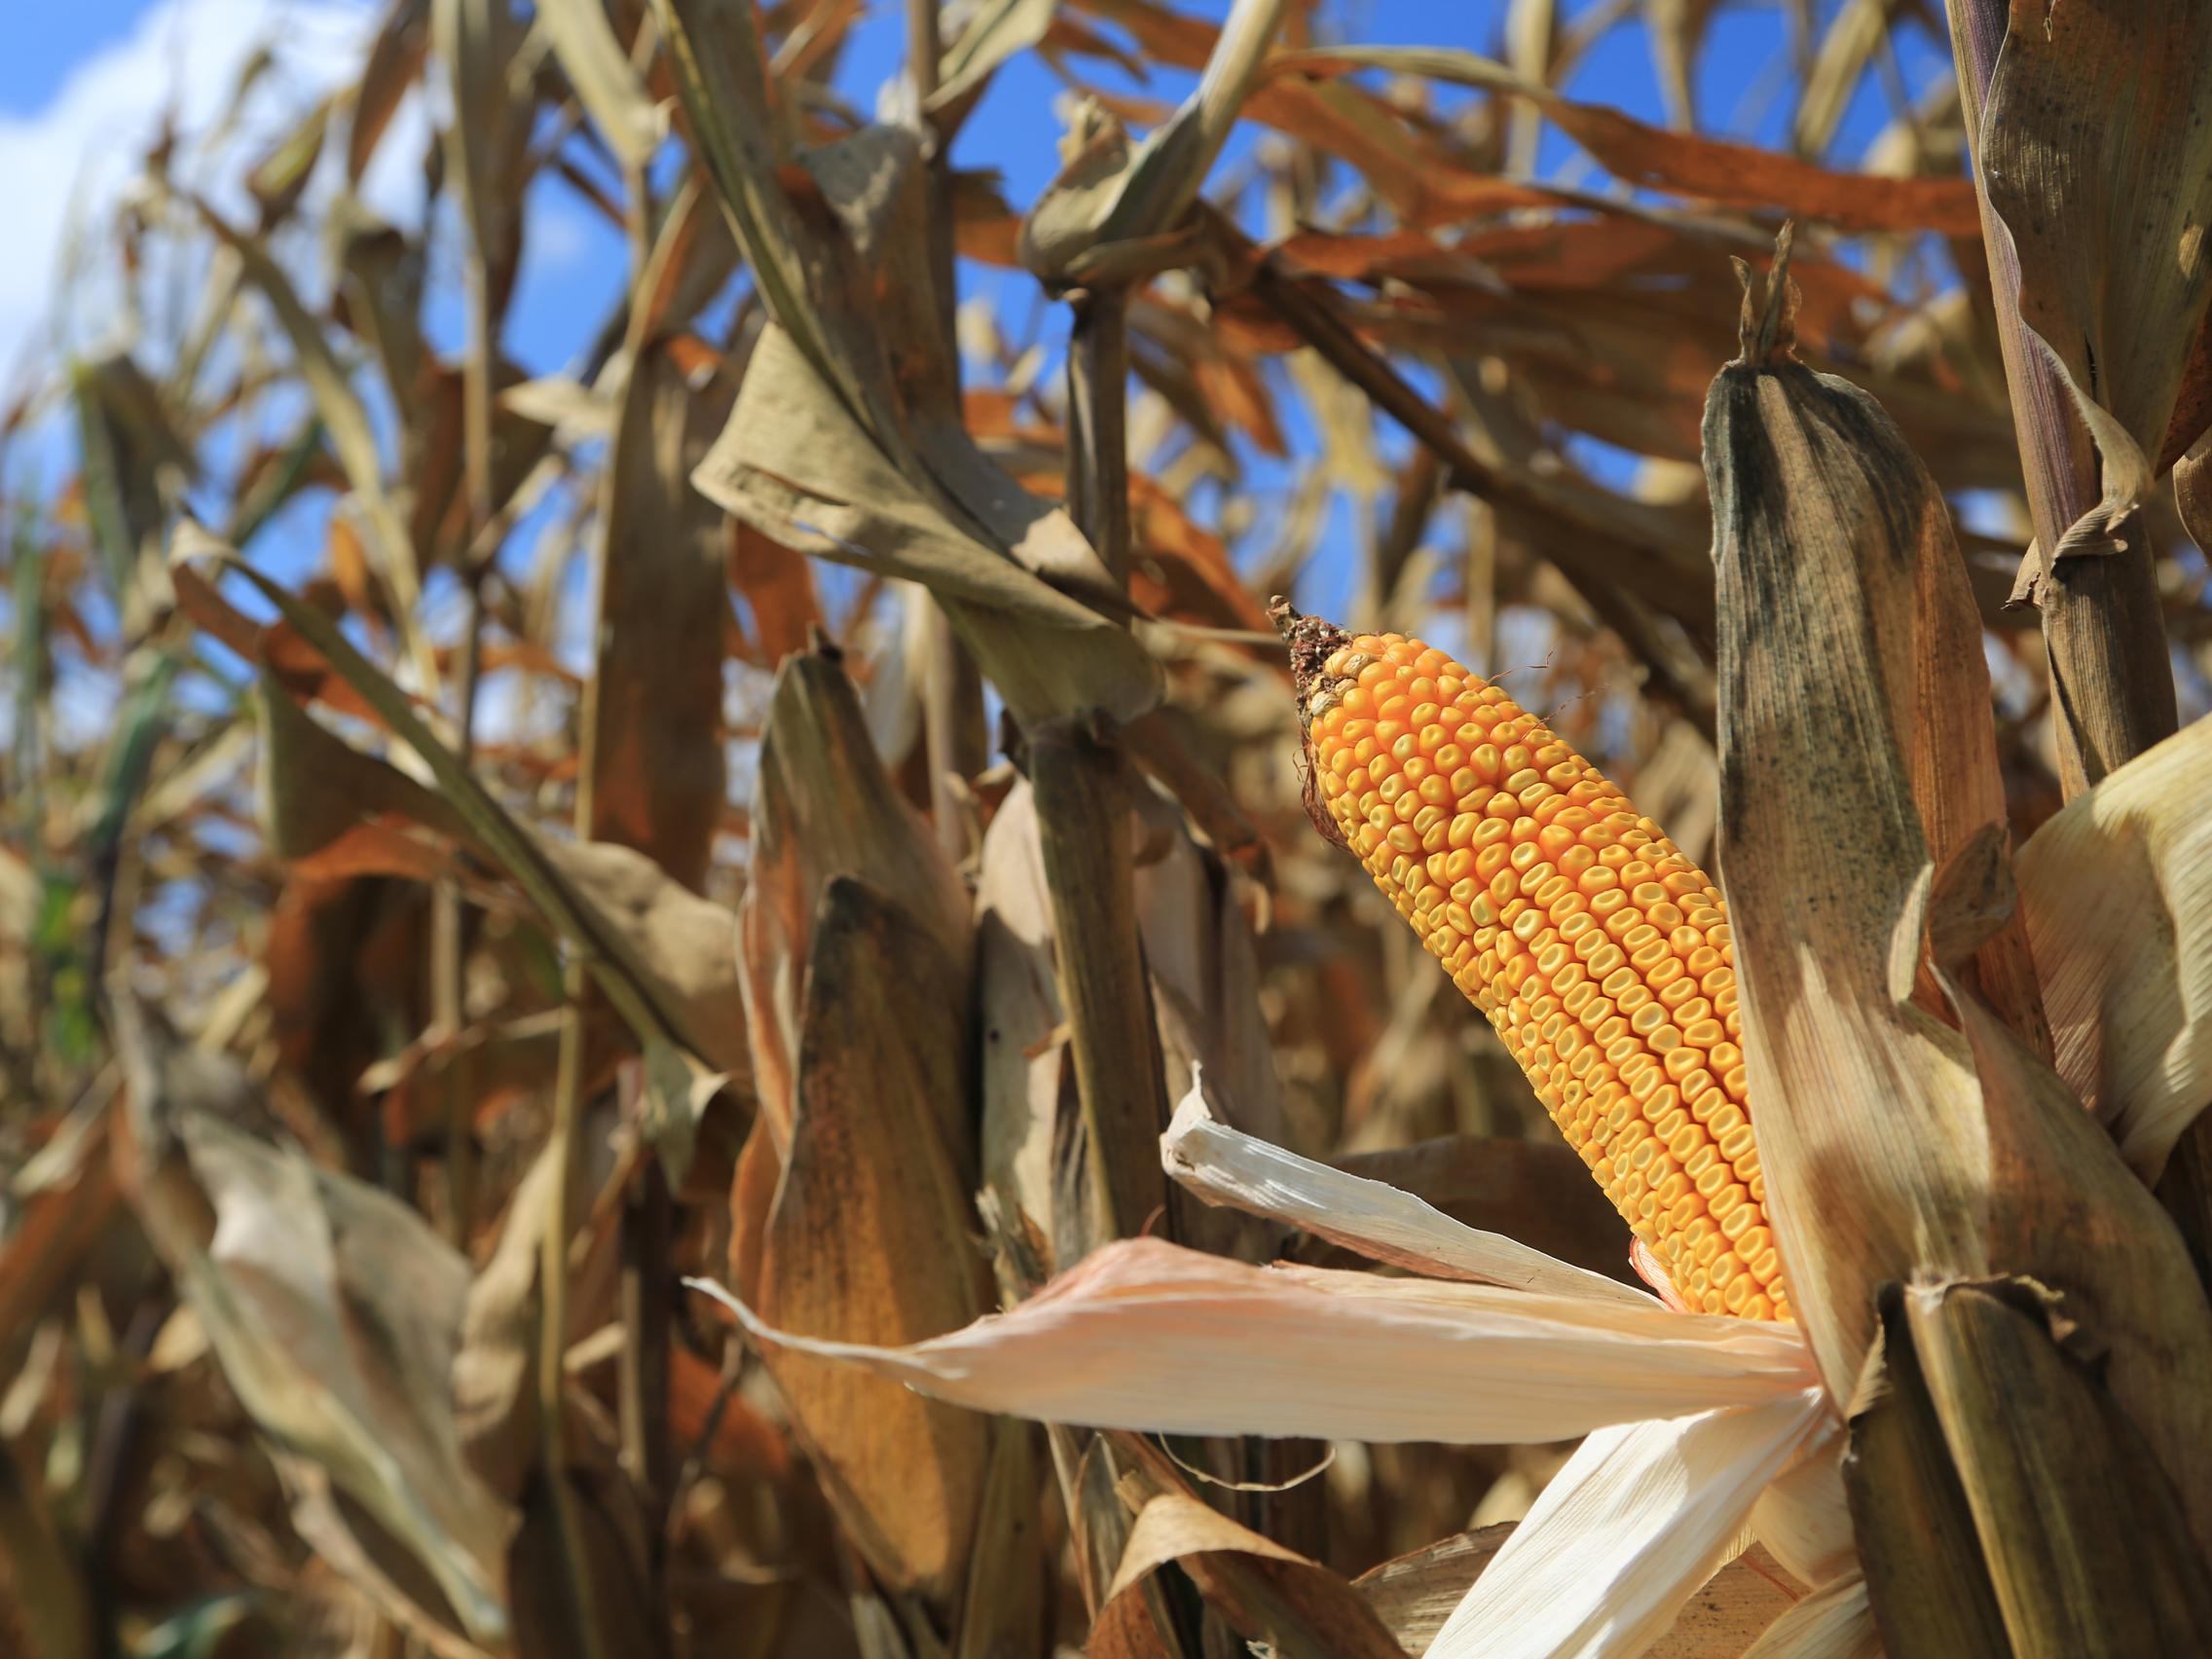 tfb_corn_6f2a0666